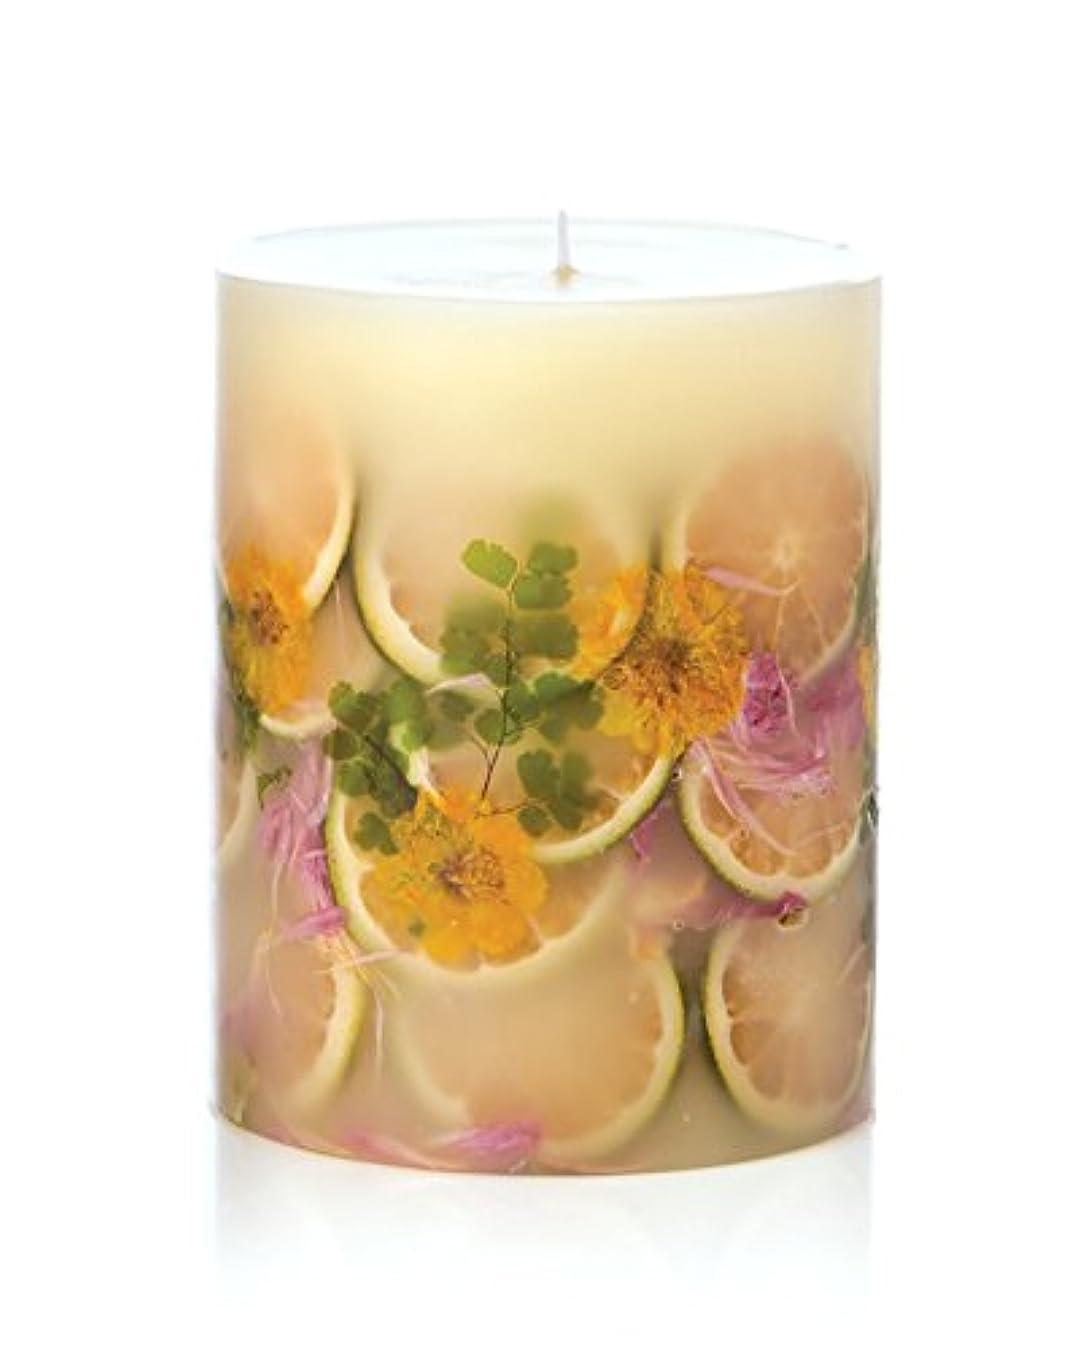 春青関係するロージーリングス ボタニカルキャンドル ラウンド レモンブロッサム&ライチ ROSY RINGS Round Botanical Candle Round – Lemon Blossom & Lychee